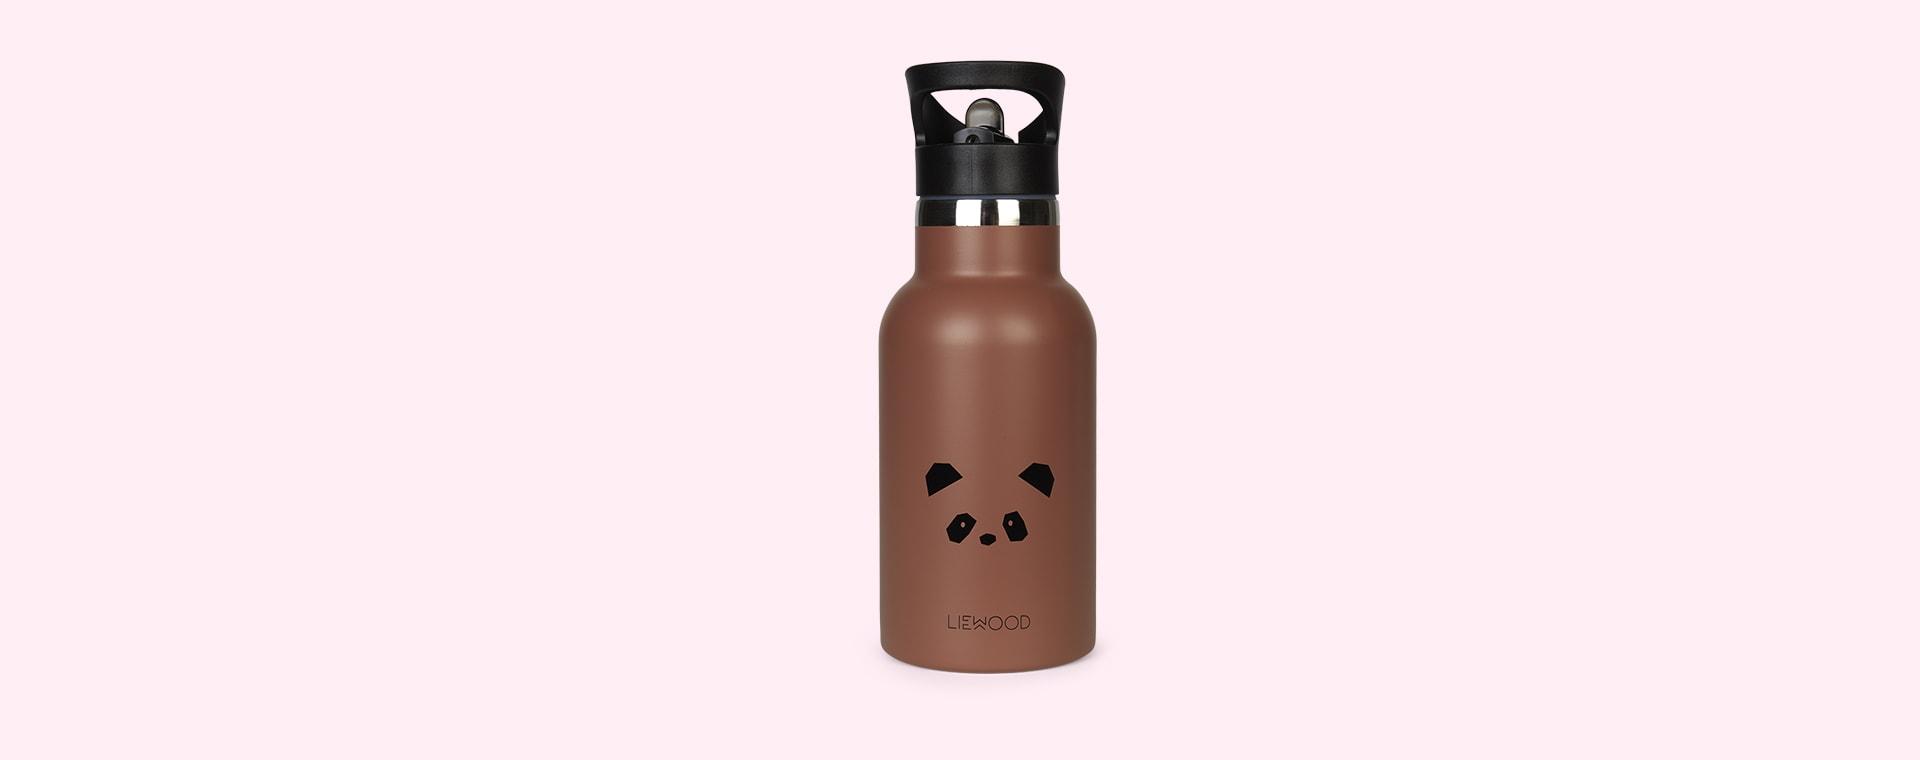 Panda Dark Rose Liewood Anker Water Bottle